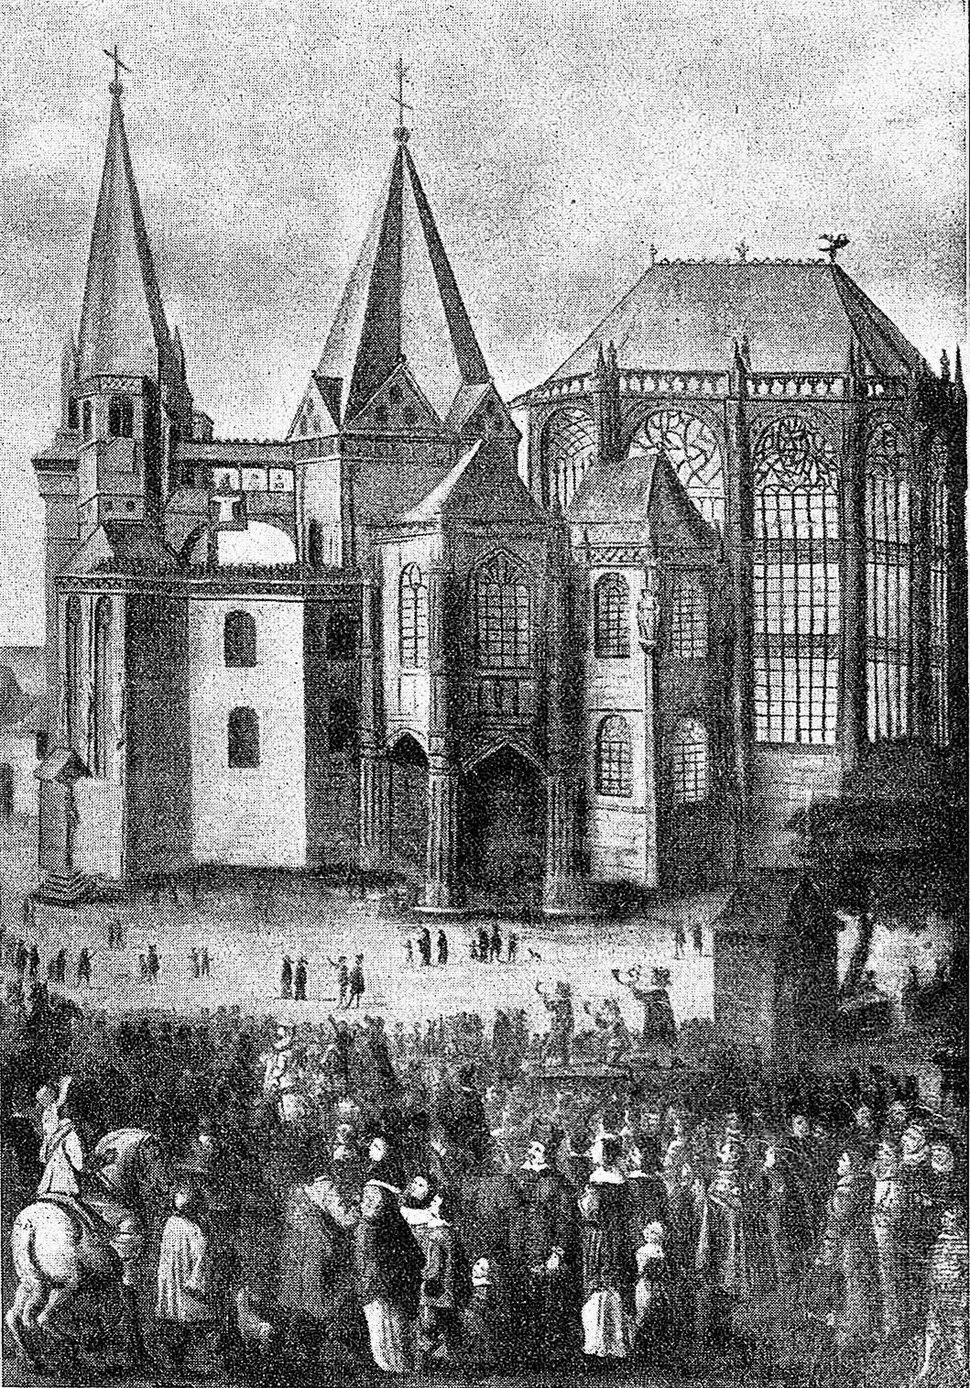 Aachener Heiligtumszeigung Oelgemaelde 17Jh